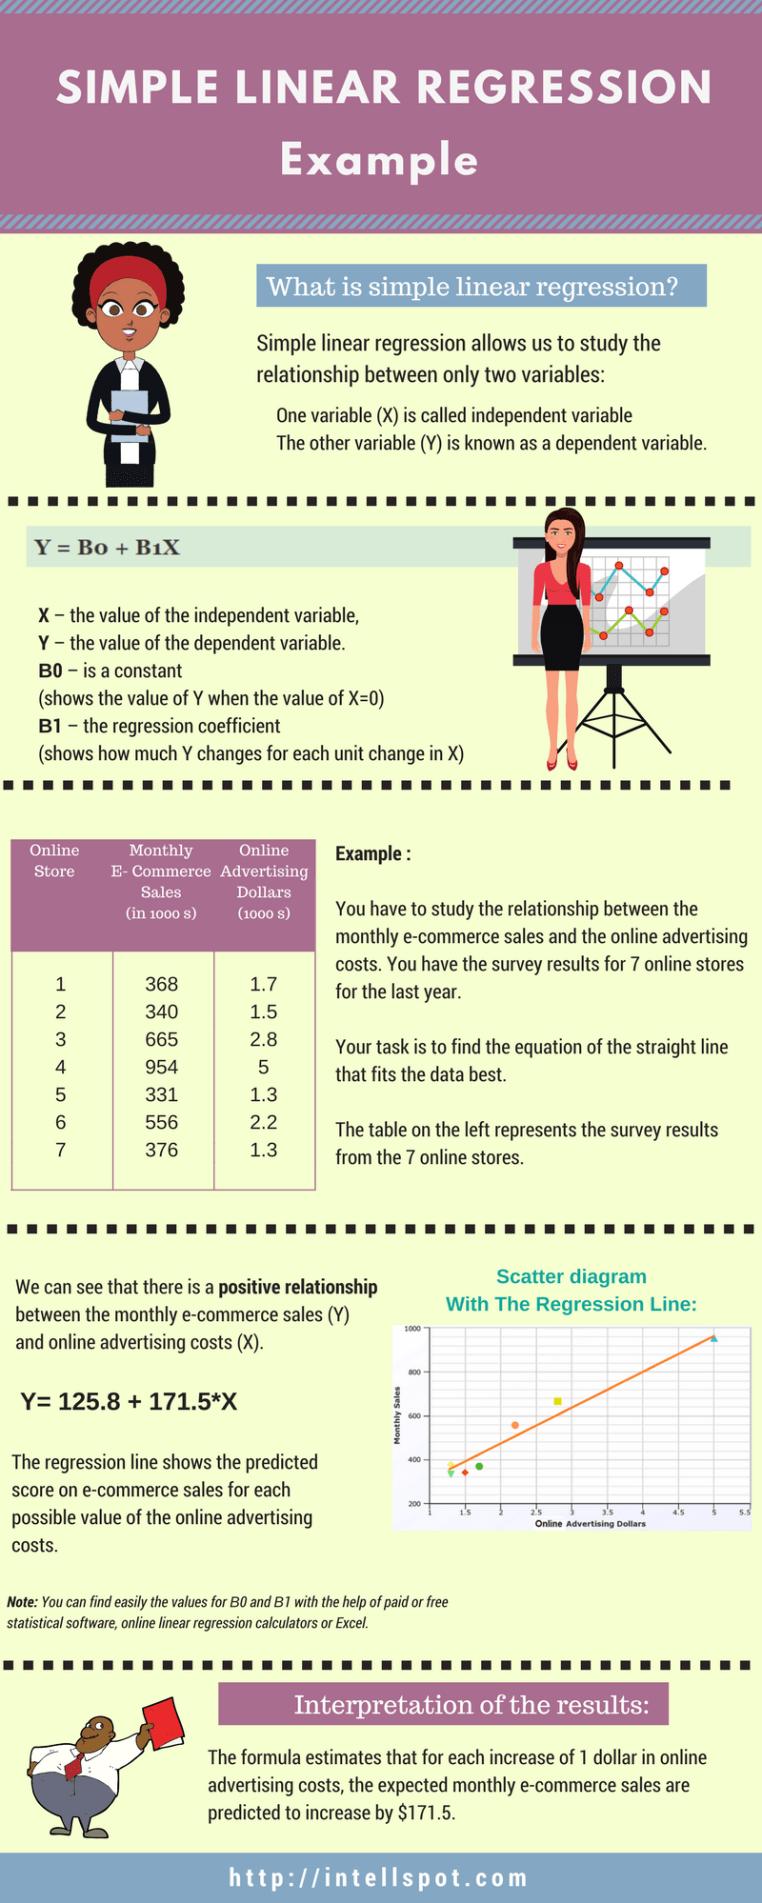 7632d7525a13e5c96d822d5aaa1ec6c0 - Econometrics Of Panel Data Methods And Applications